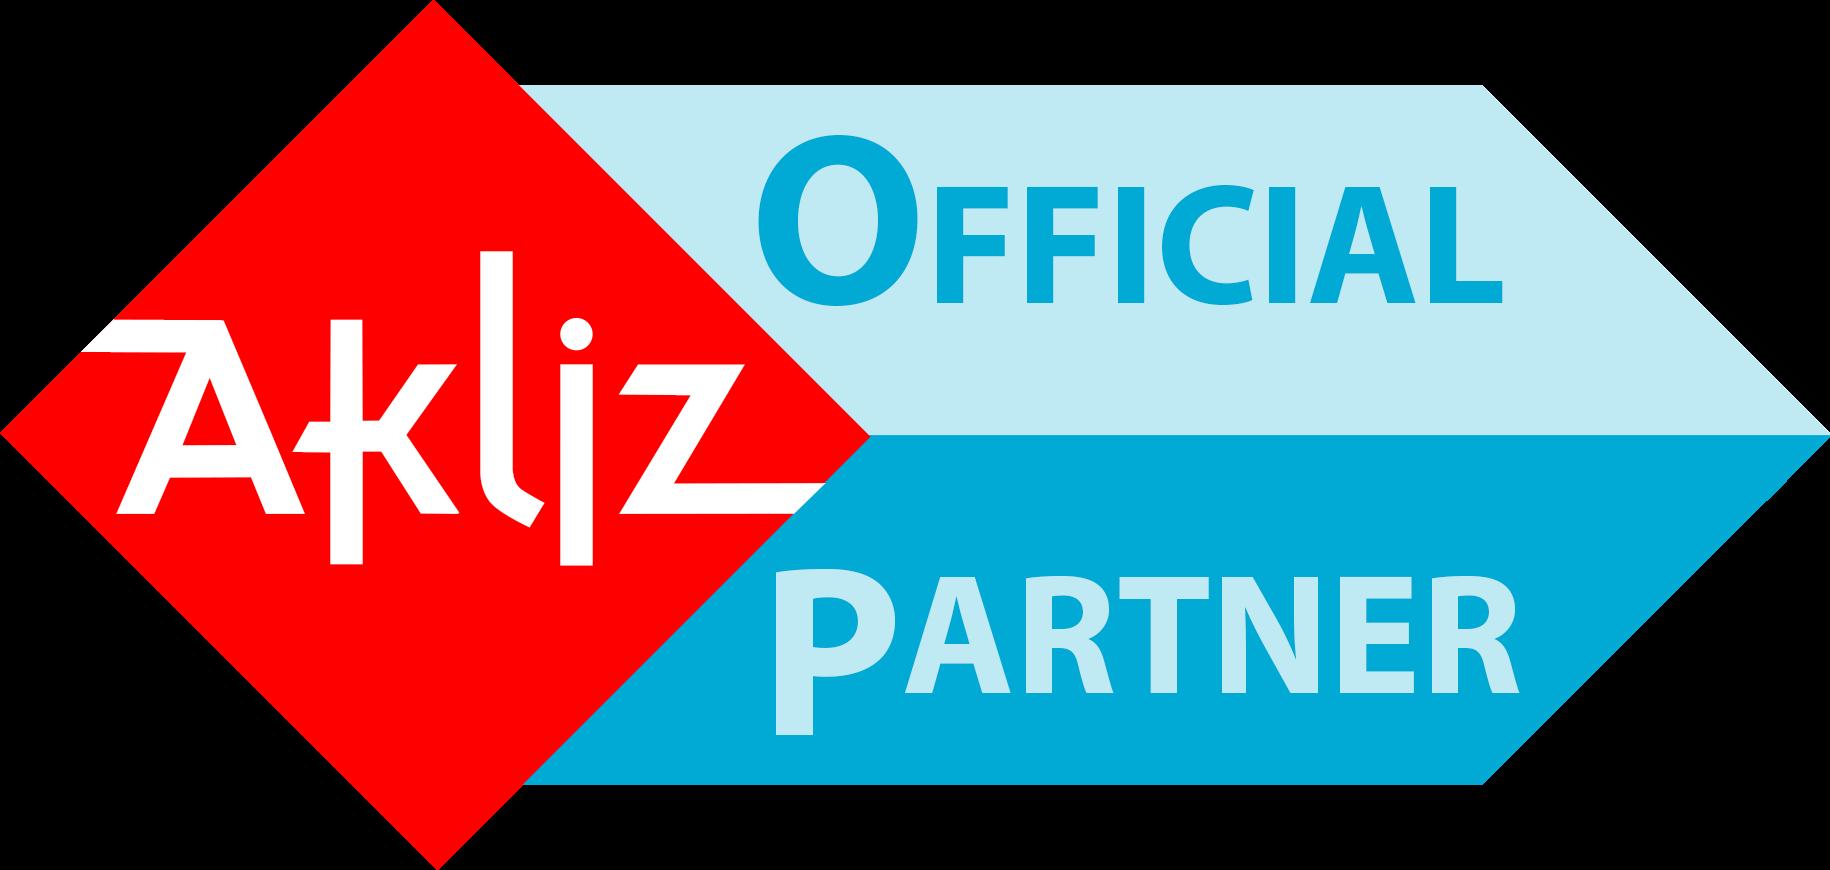 Official Partner Badge